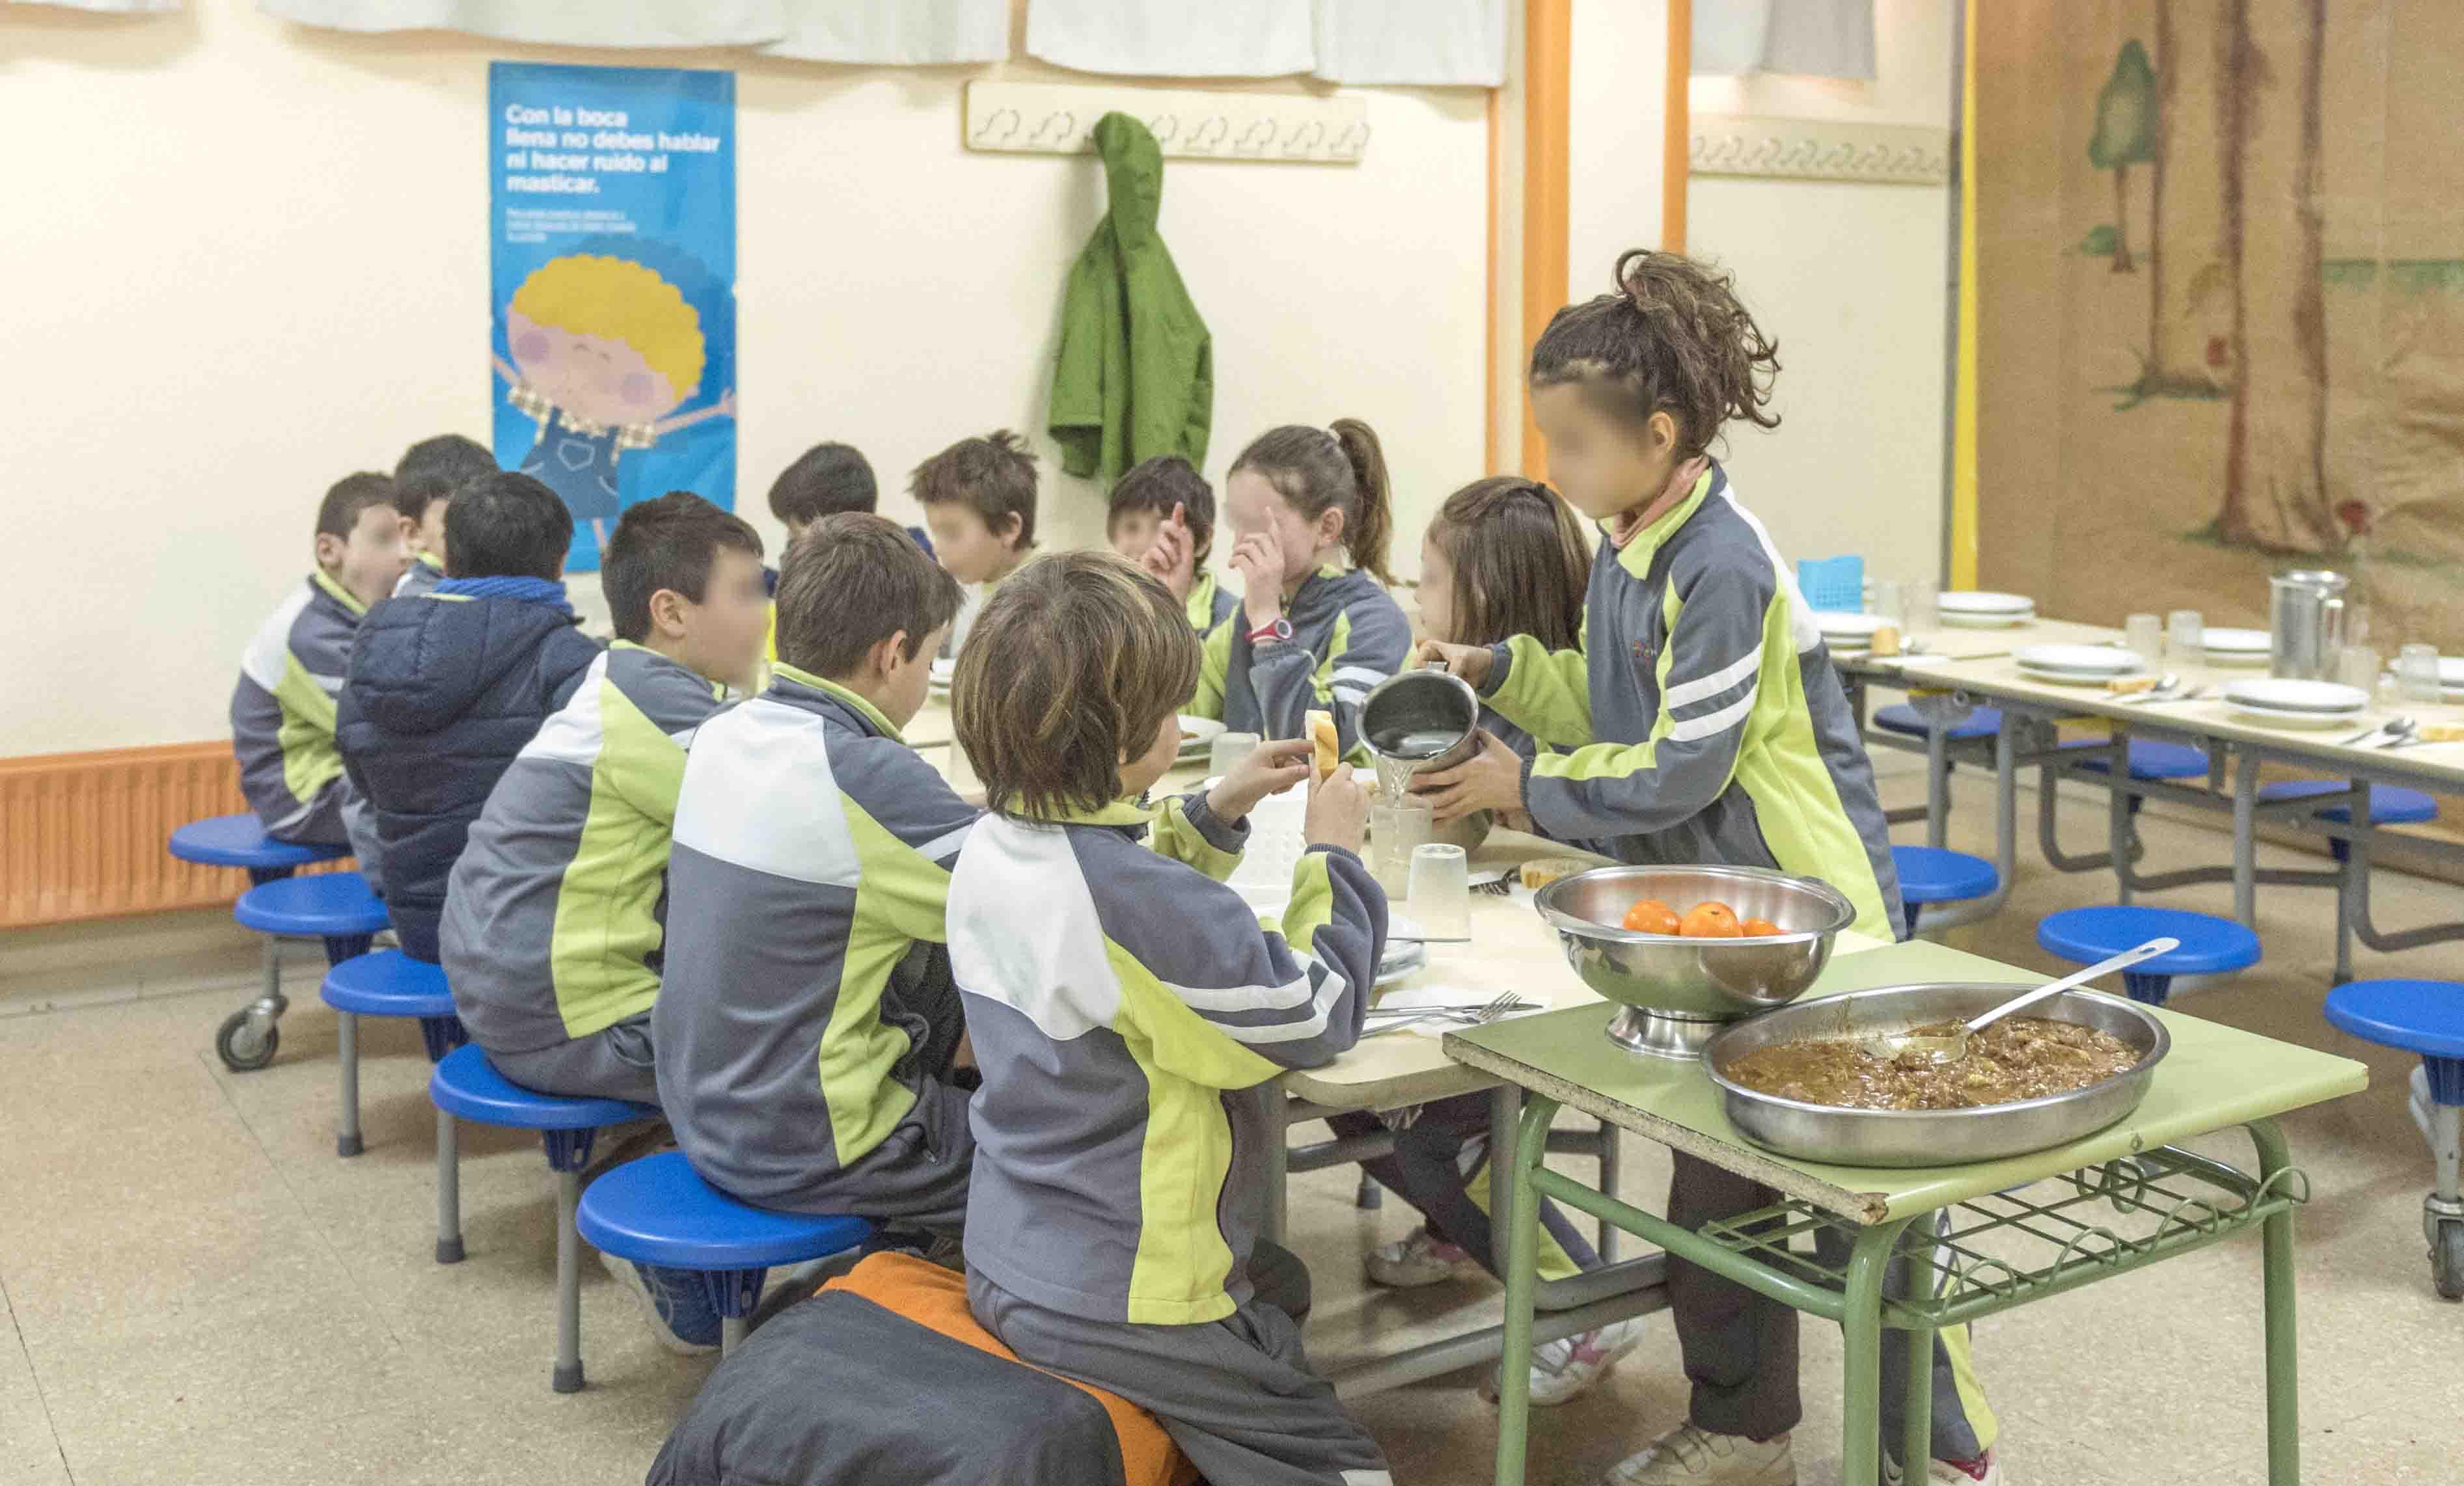 Niños comiendo en Brotmadrid. Se aprecia una mesa con 12 niños. En primer plano una niña se sirve agua de una jarra. Se aprecian bandejas con la comida del día.